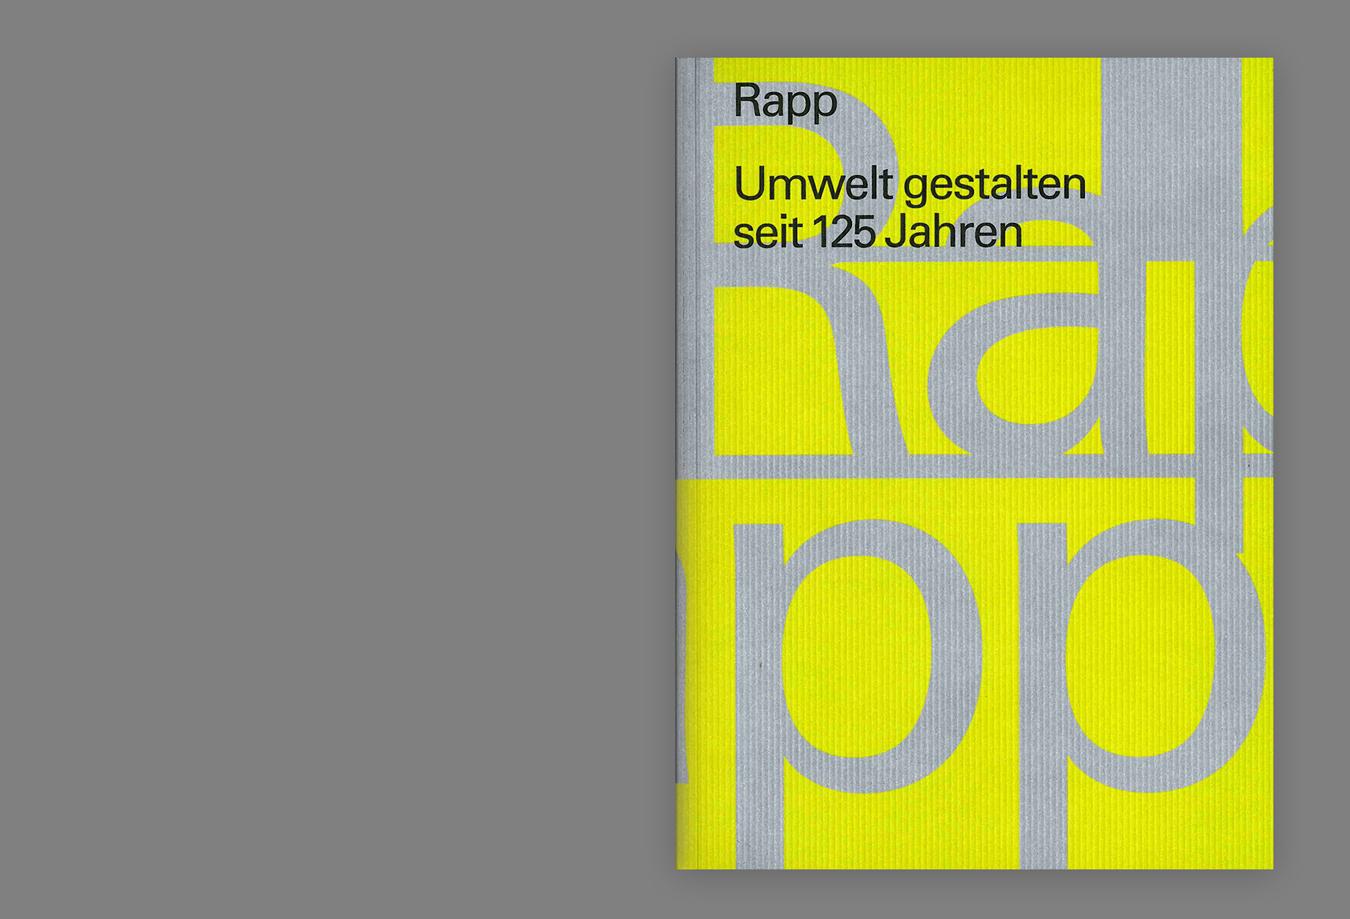 Rapp Publikation Low 1